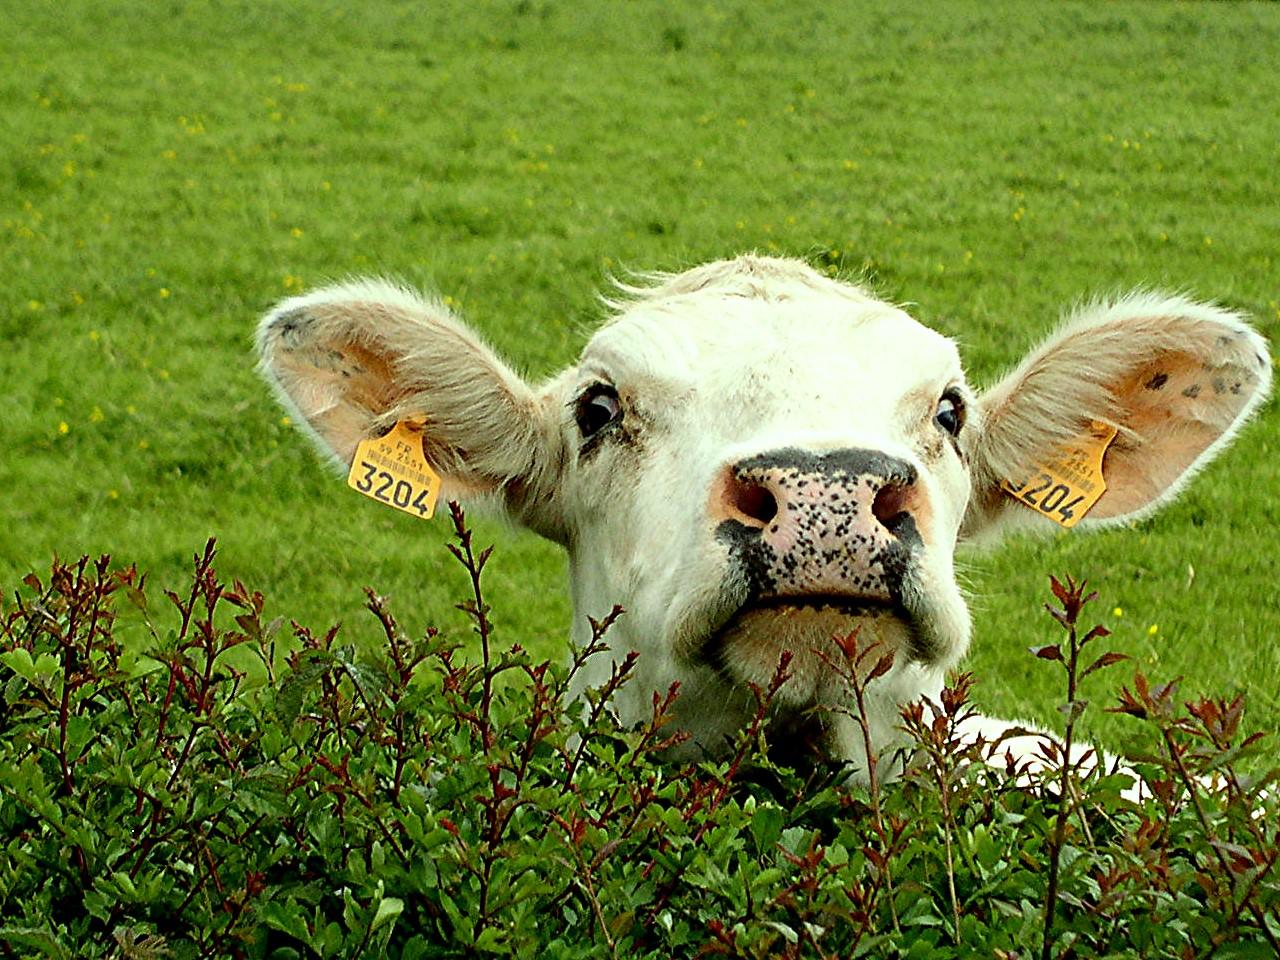 Image d 39 animaux de la ferme les belles images d - Images d animaux de la ferme ...